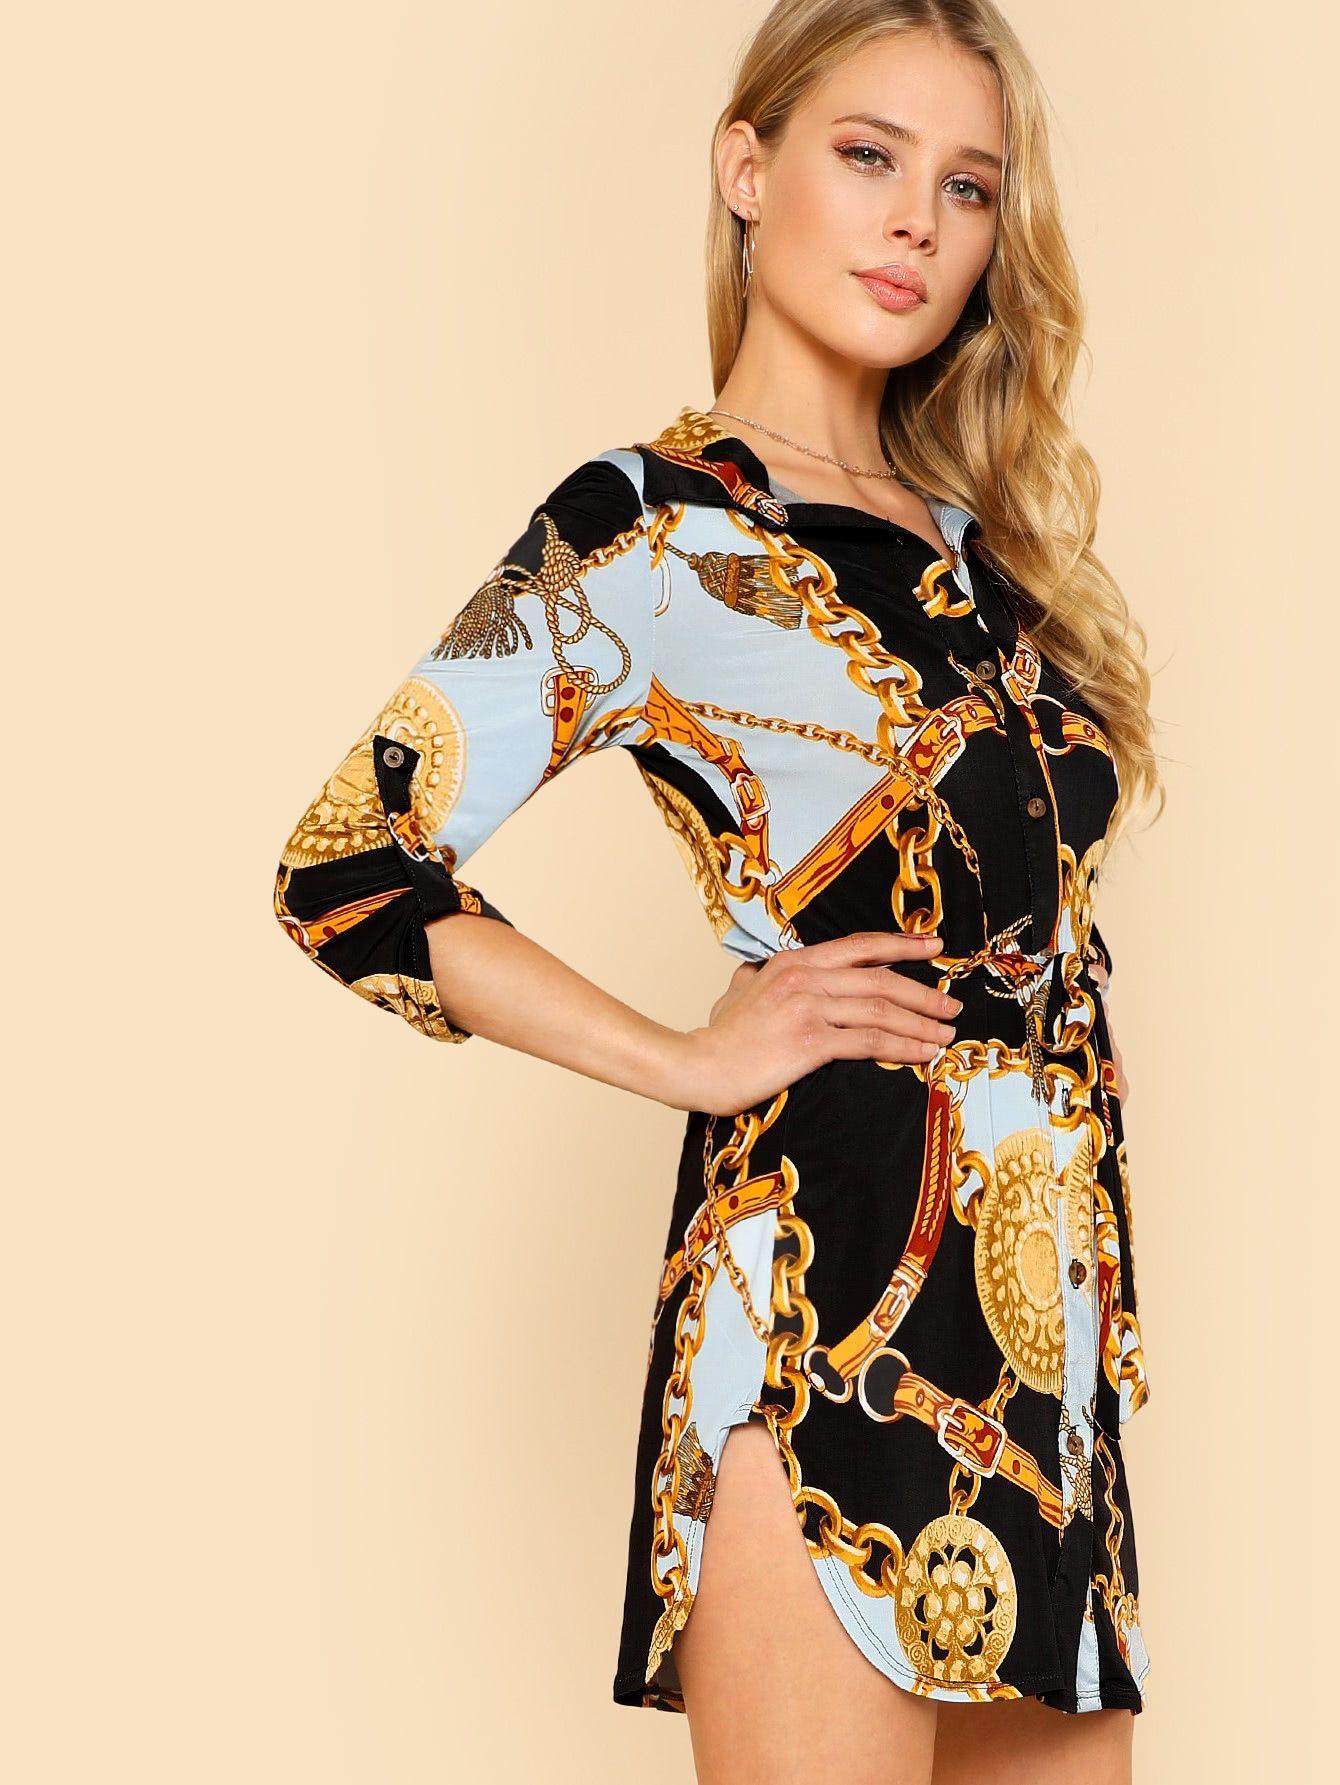 29+ Chain print dress ideas